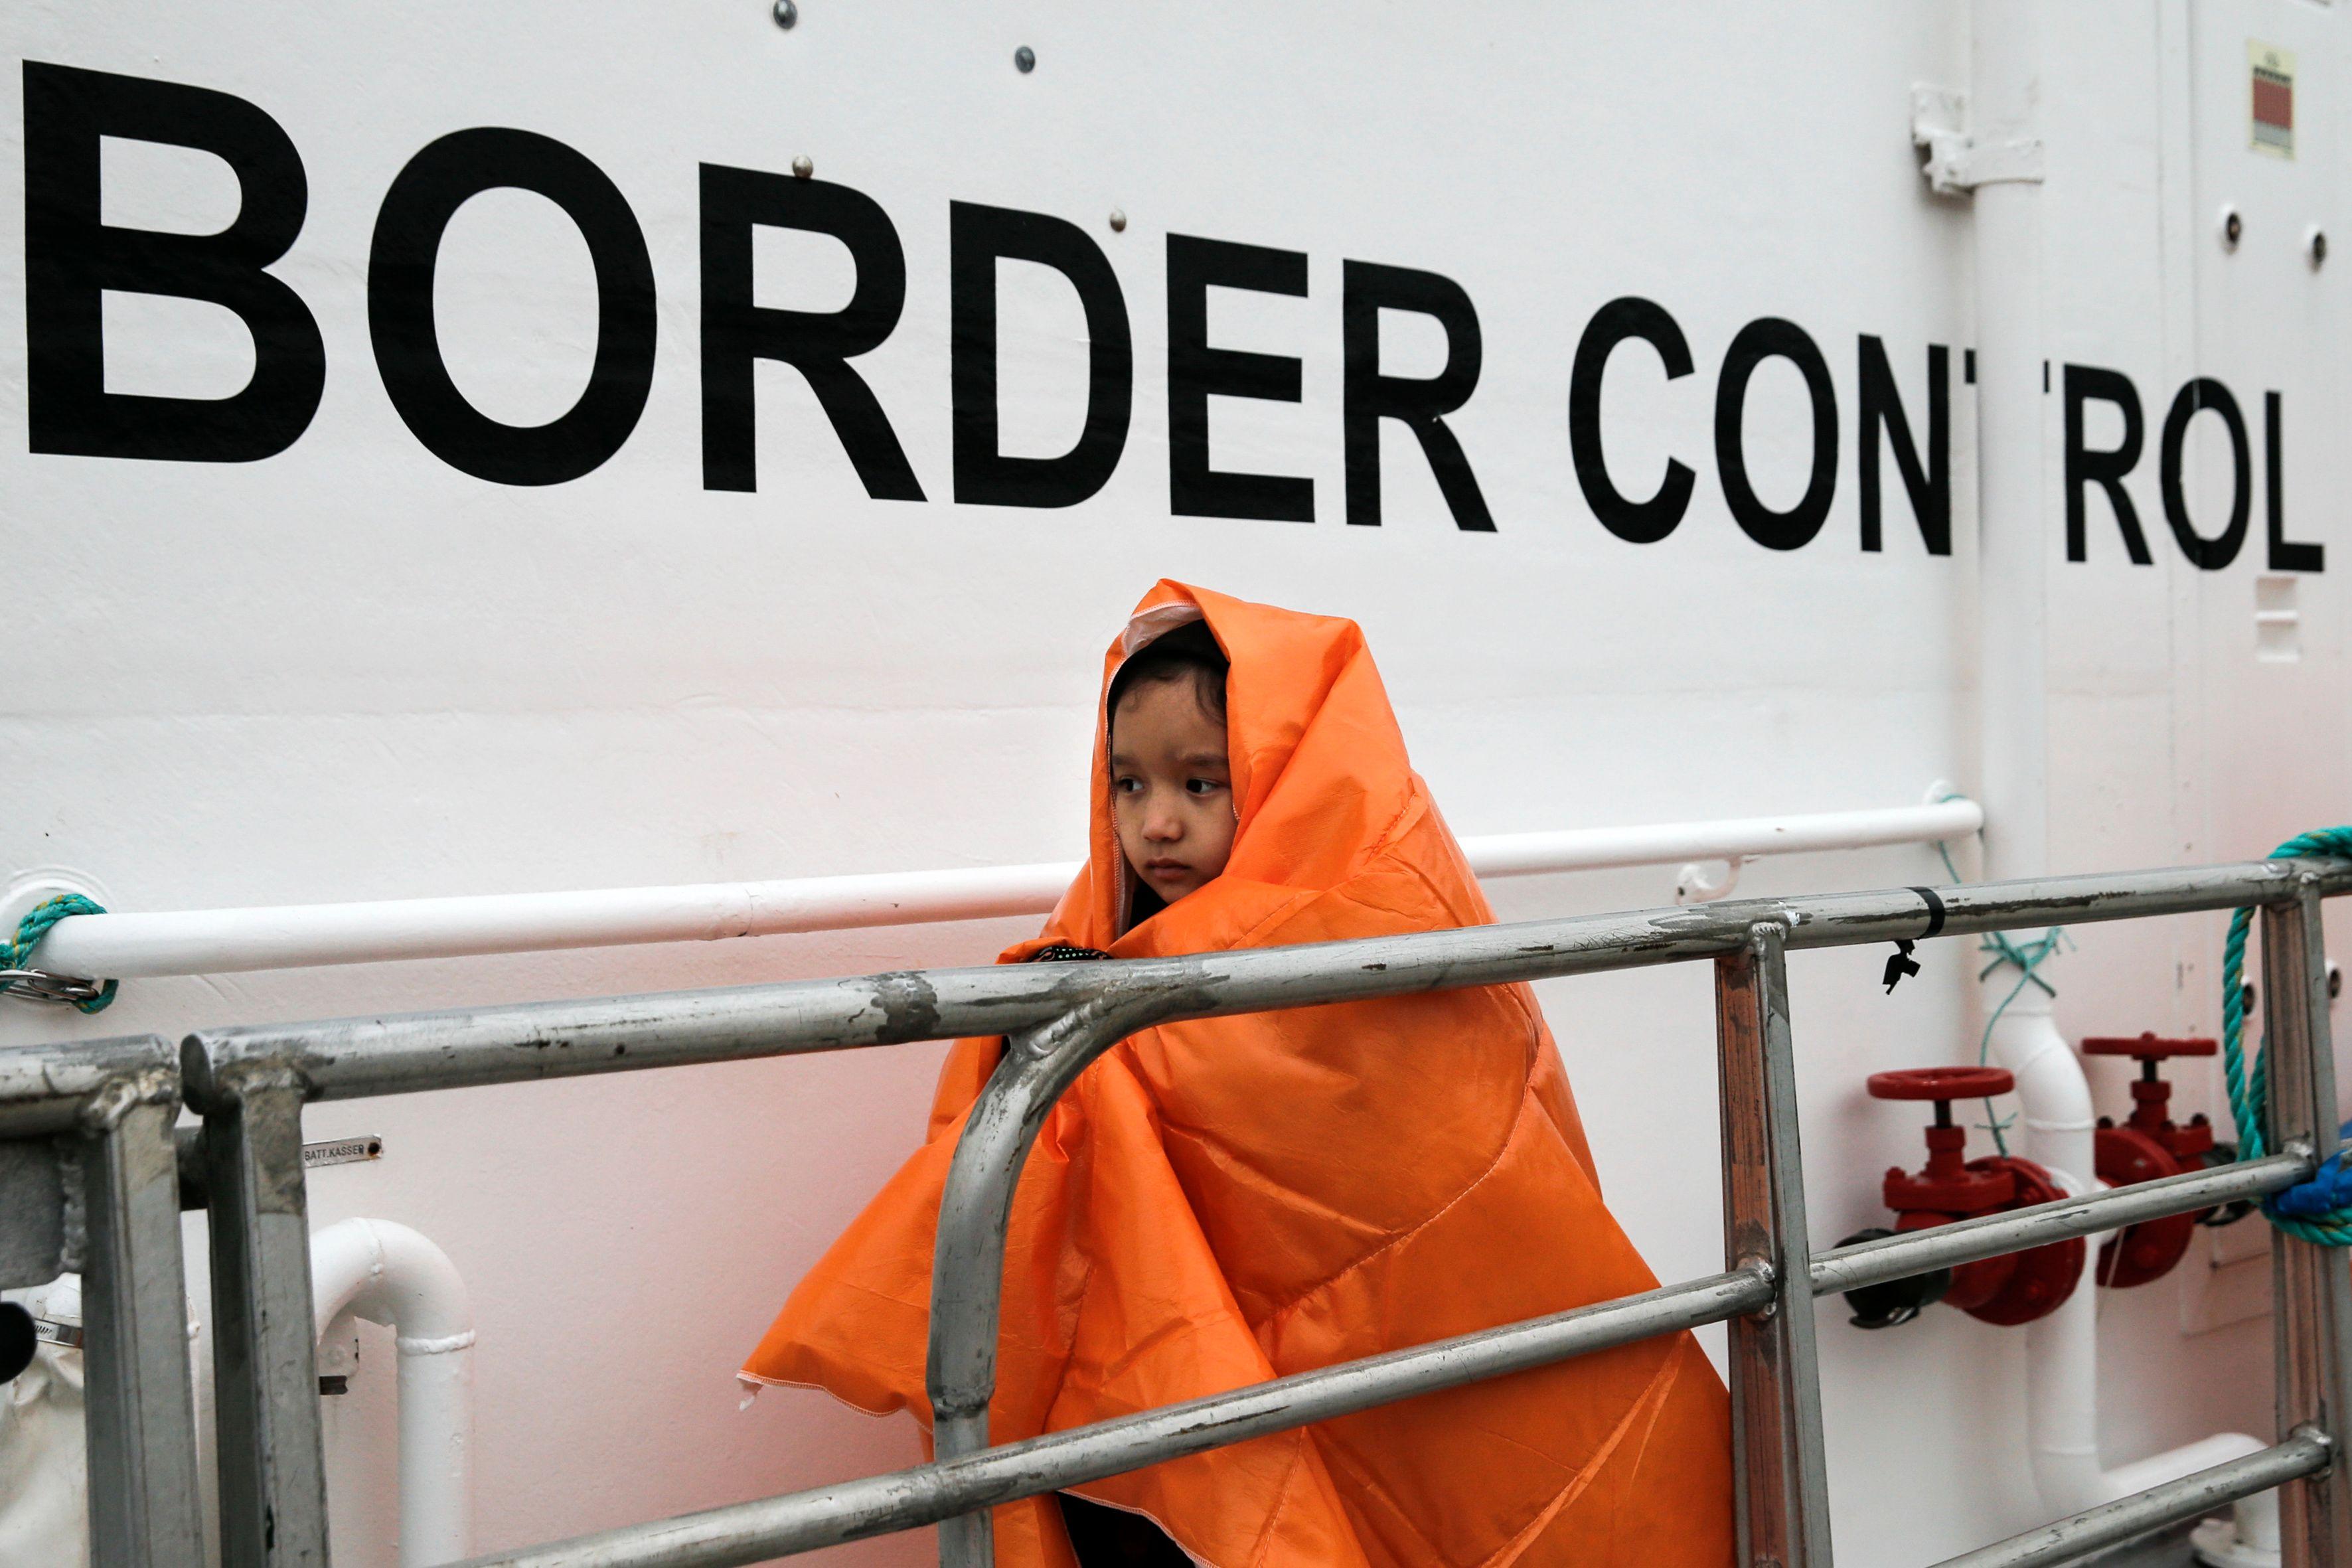 Sommet migratoire européen : des efforts qui ne devraient pas enrayer une nouvelle crise des migrants au printemps